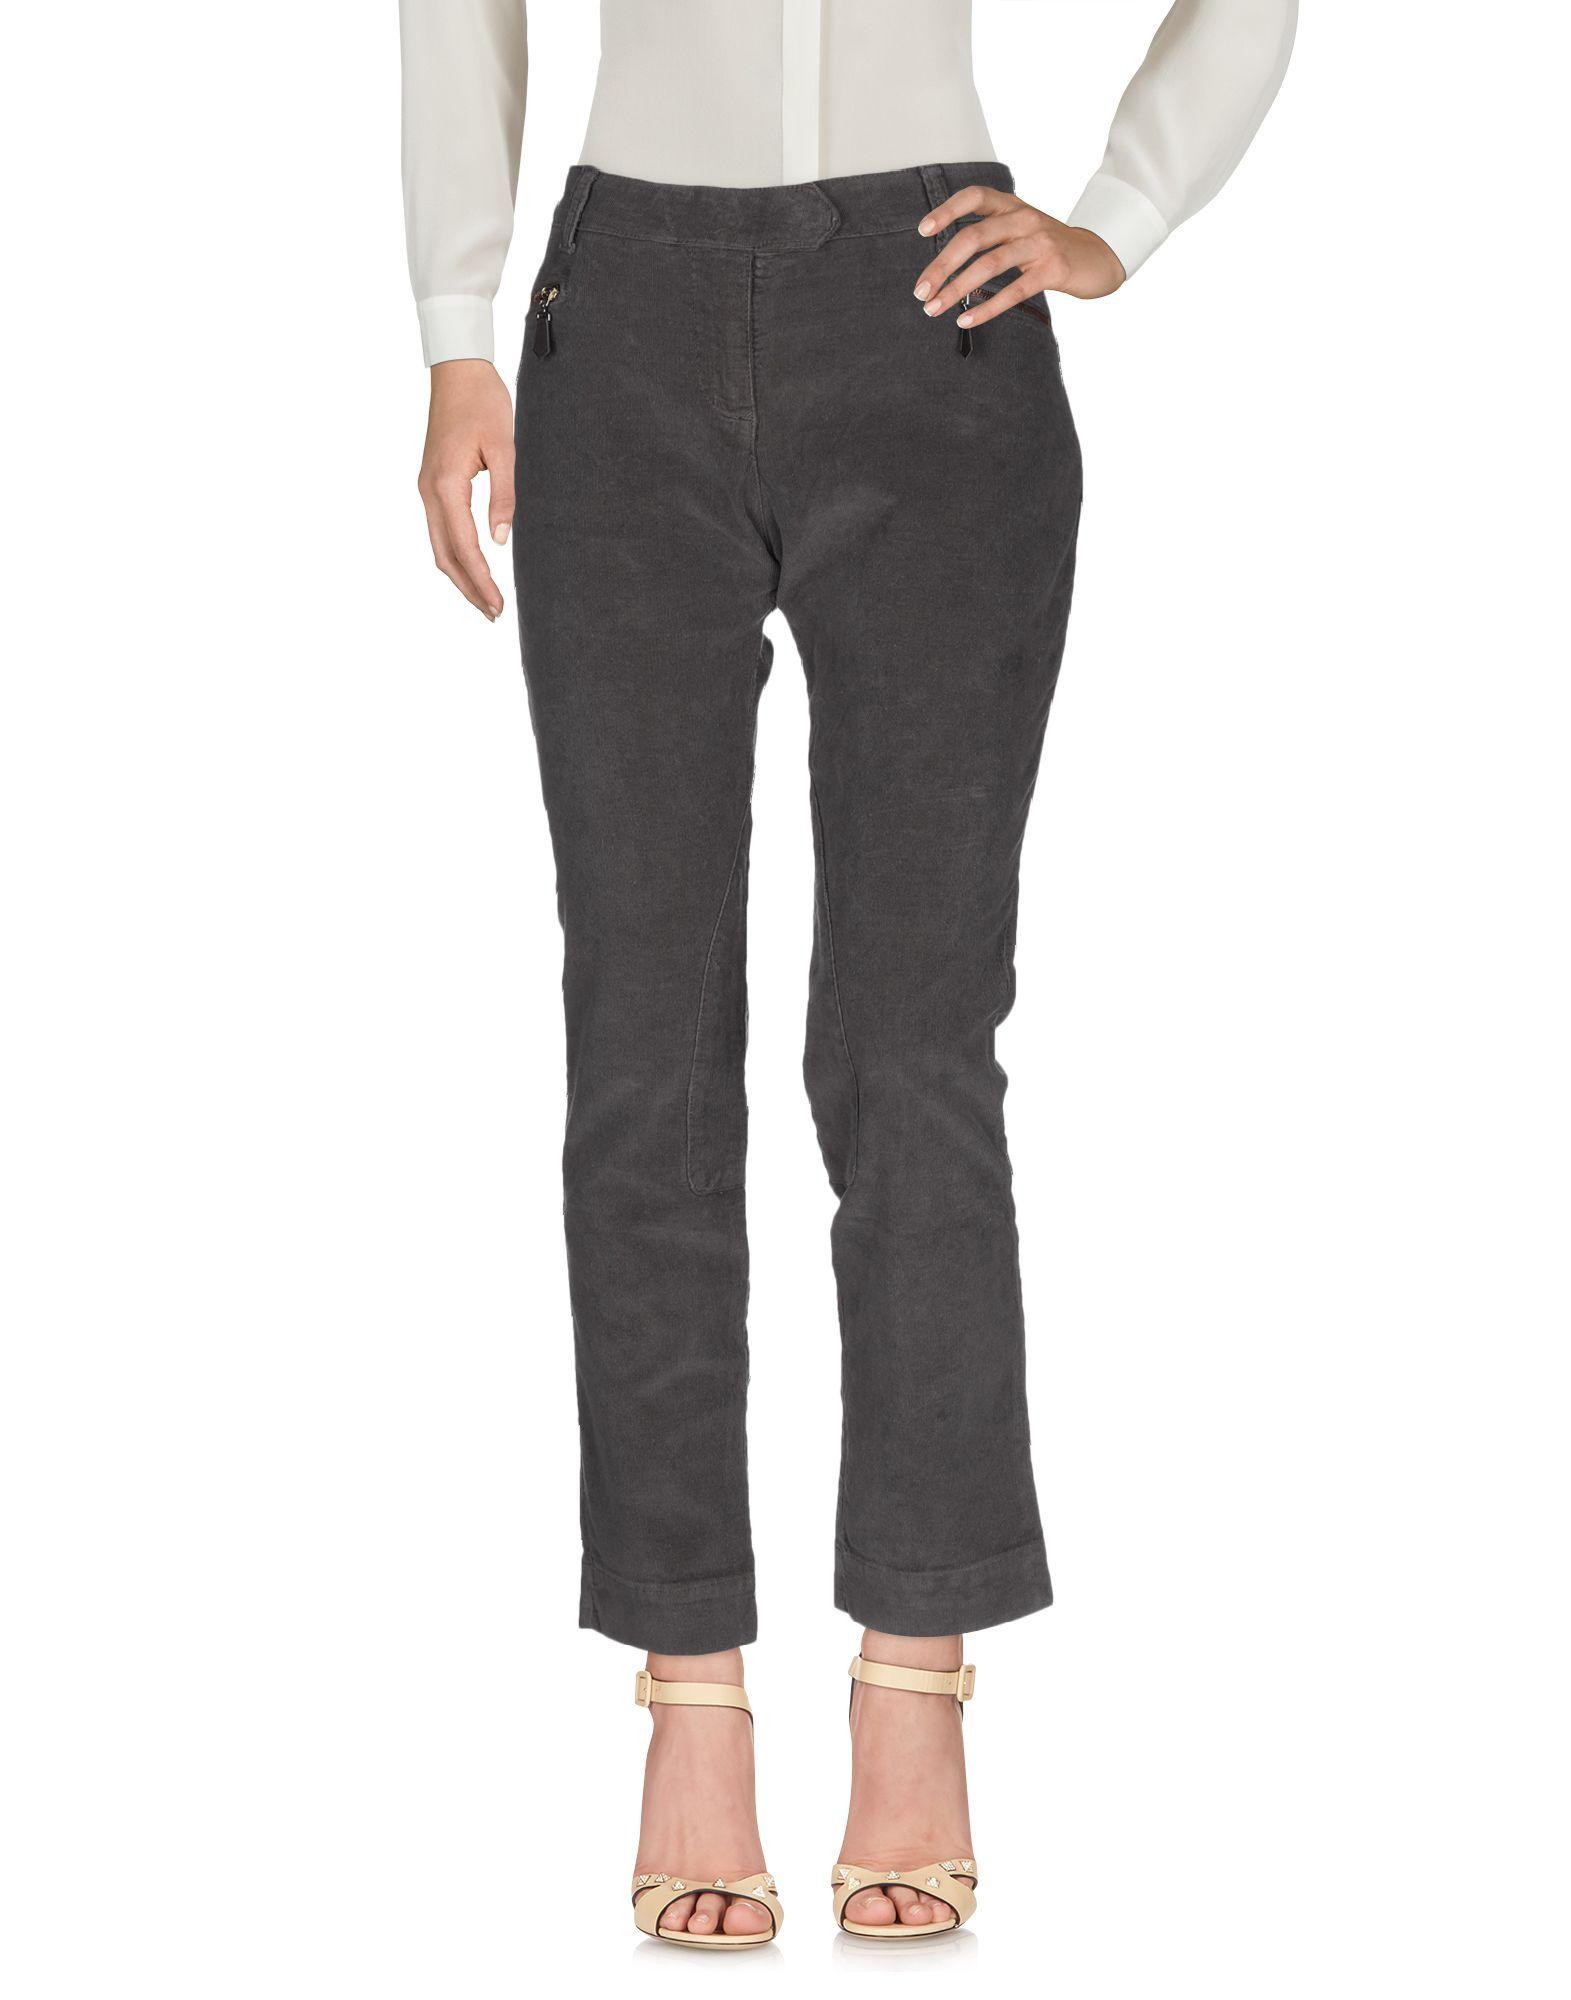 Timberland Khaki Cotton Trousers